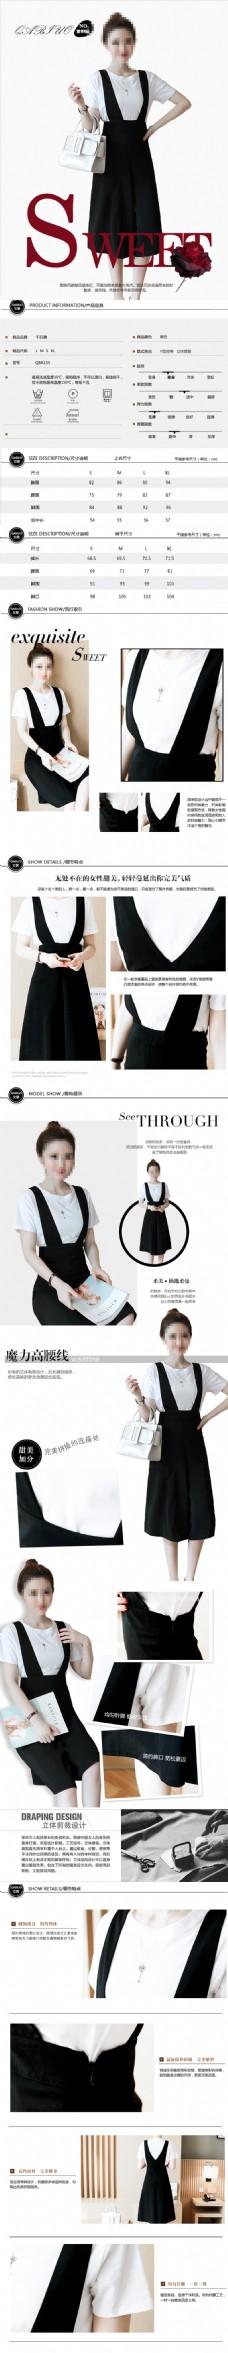 黑色背带裙连衣裙淘宝详情页模板